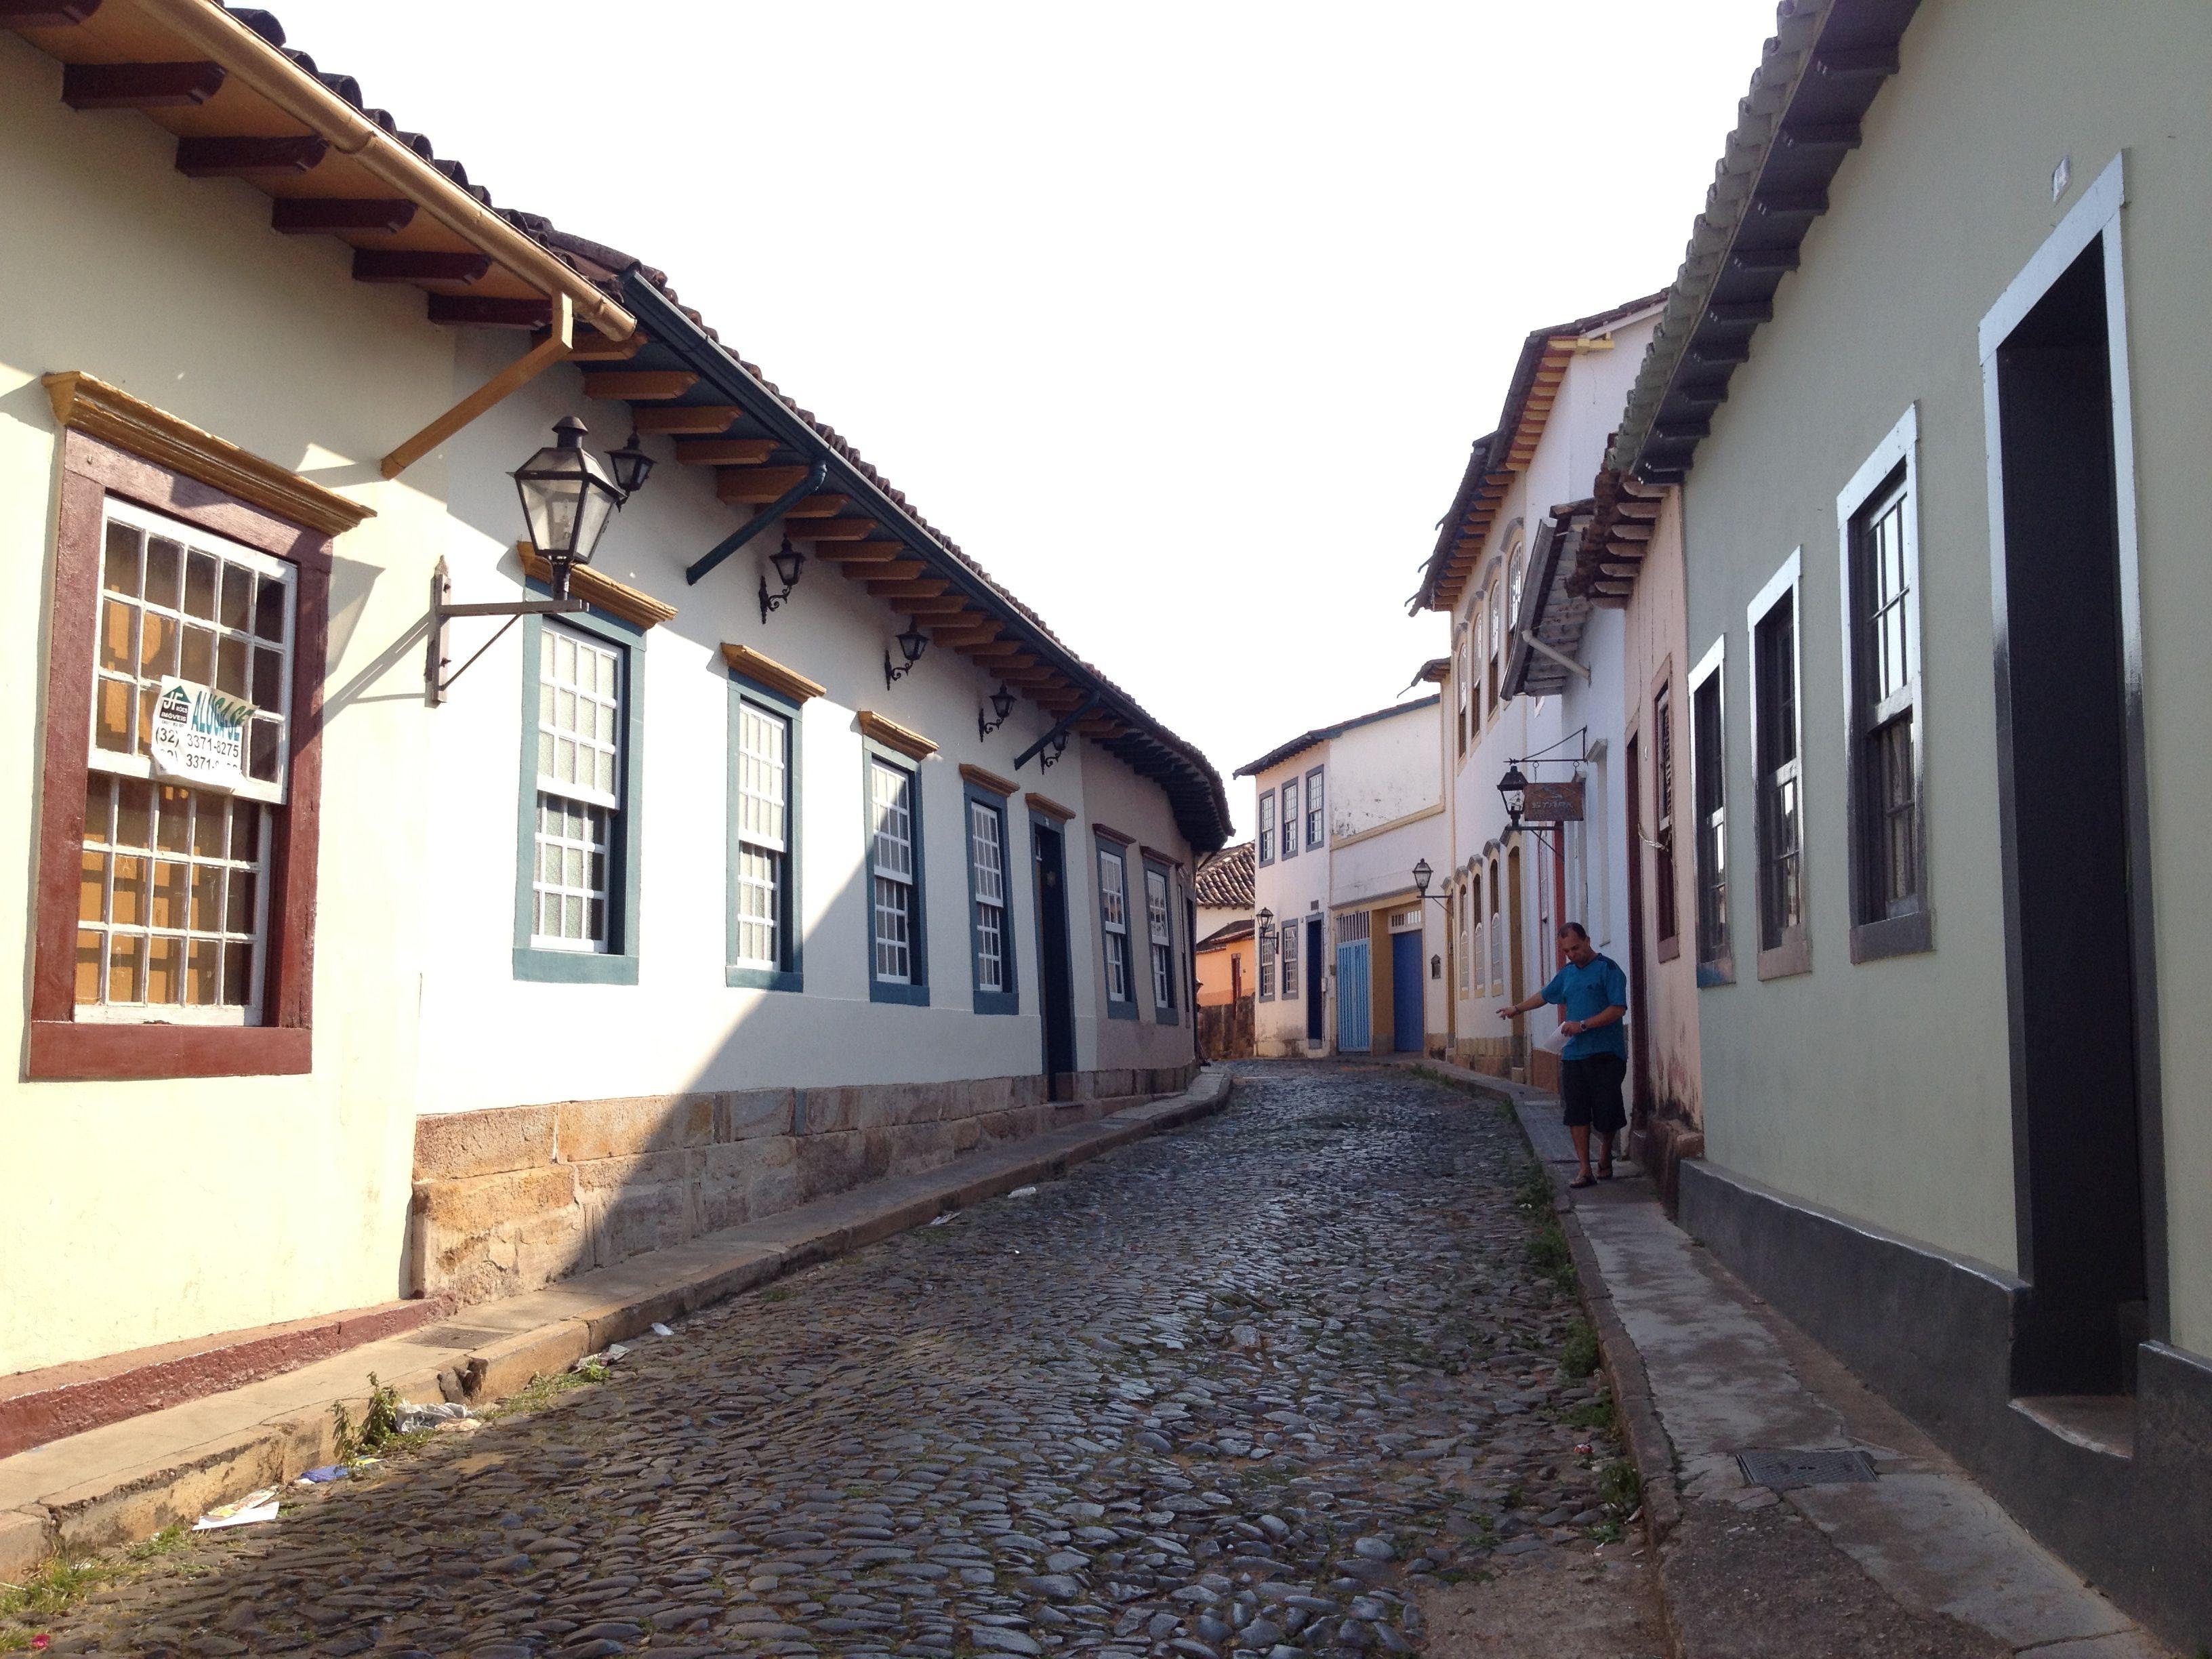 Rua Das Casas Tortas Crooked Houses Street Sao Joao Del Rei Minas Gerais Brasil Com Imagens Brasil Brasilia Sao Joao Del Rei